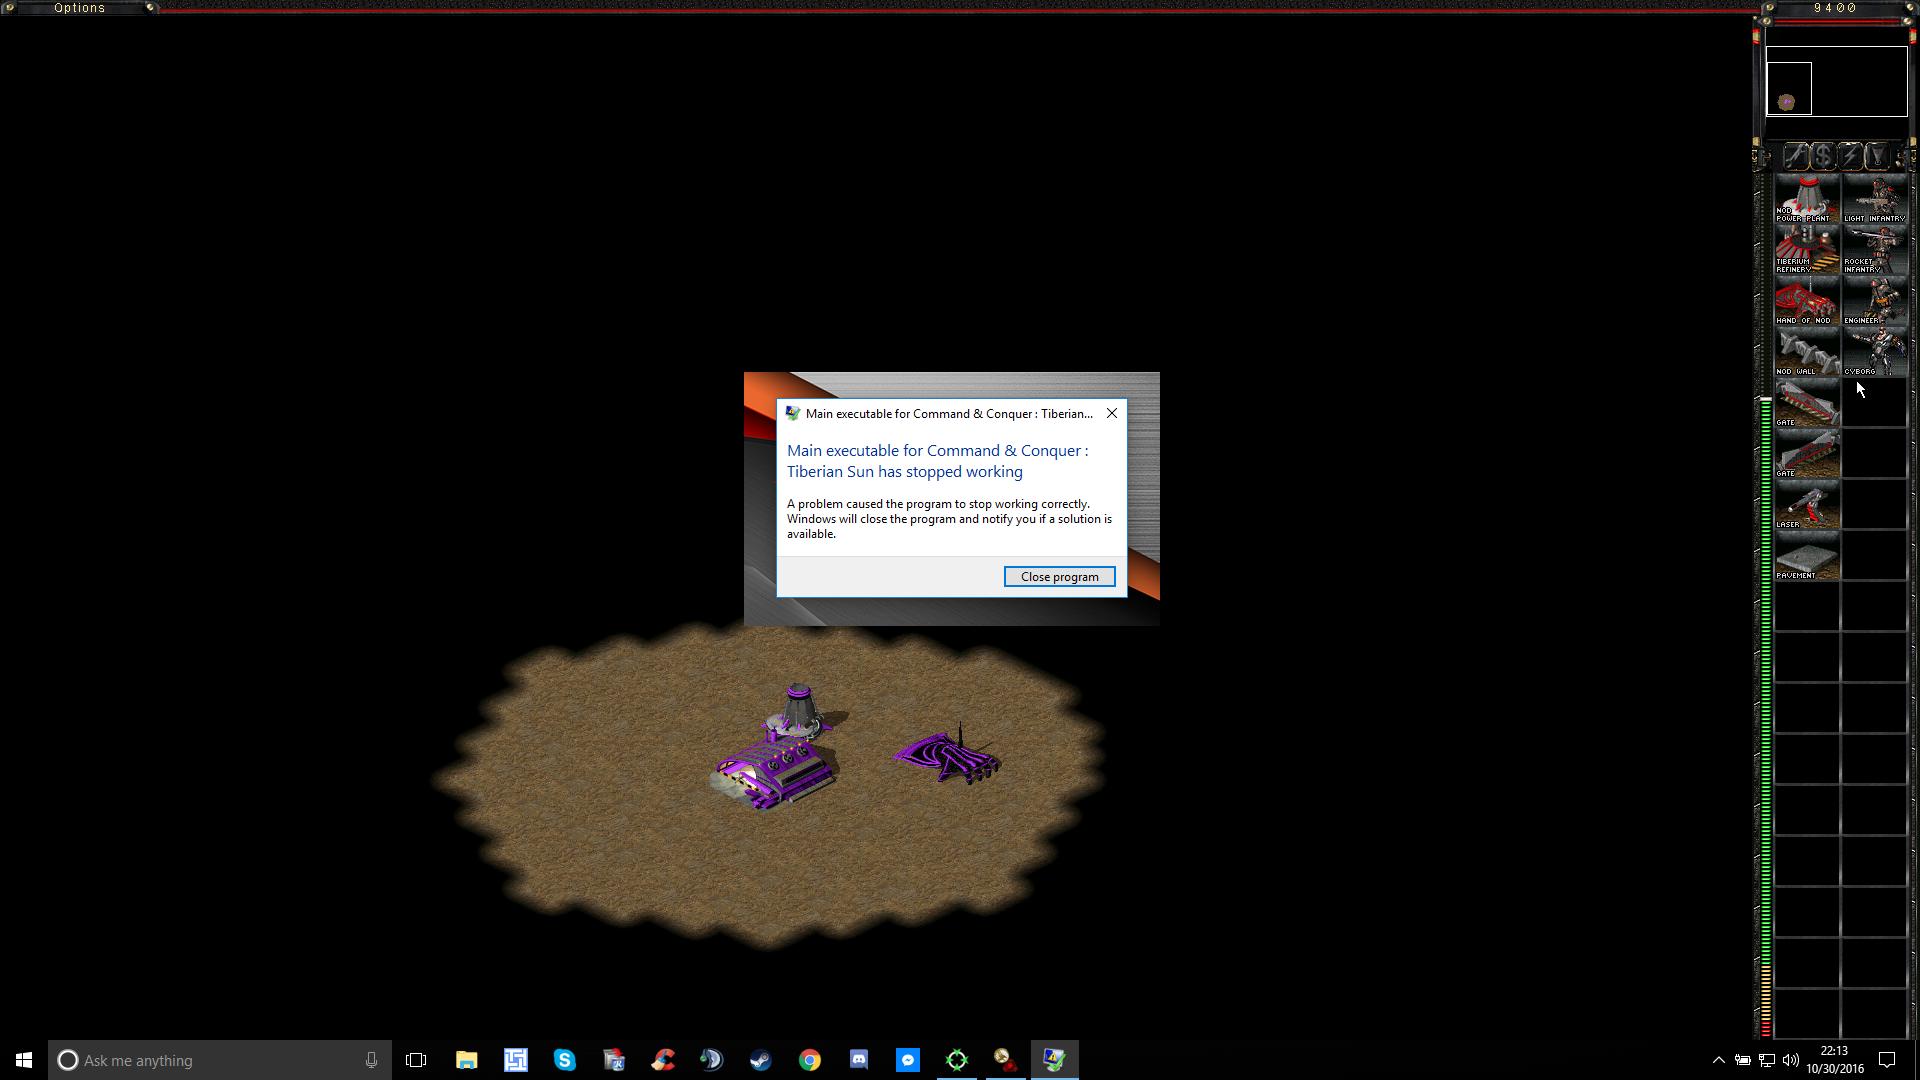 Cnc_Crash.png.9d9338722938744e9c48c8cca15f48d6.png